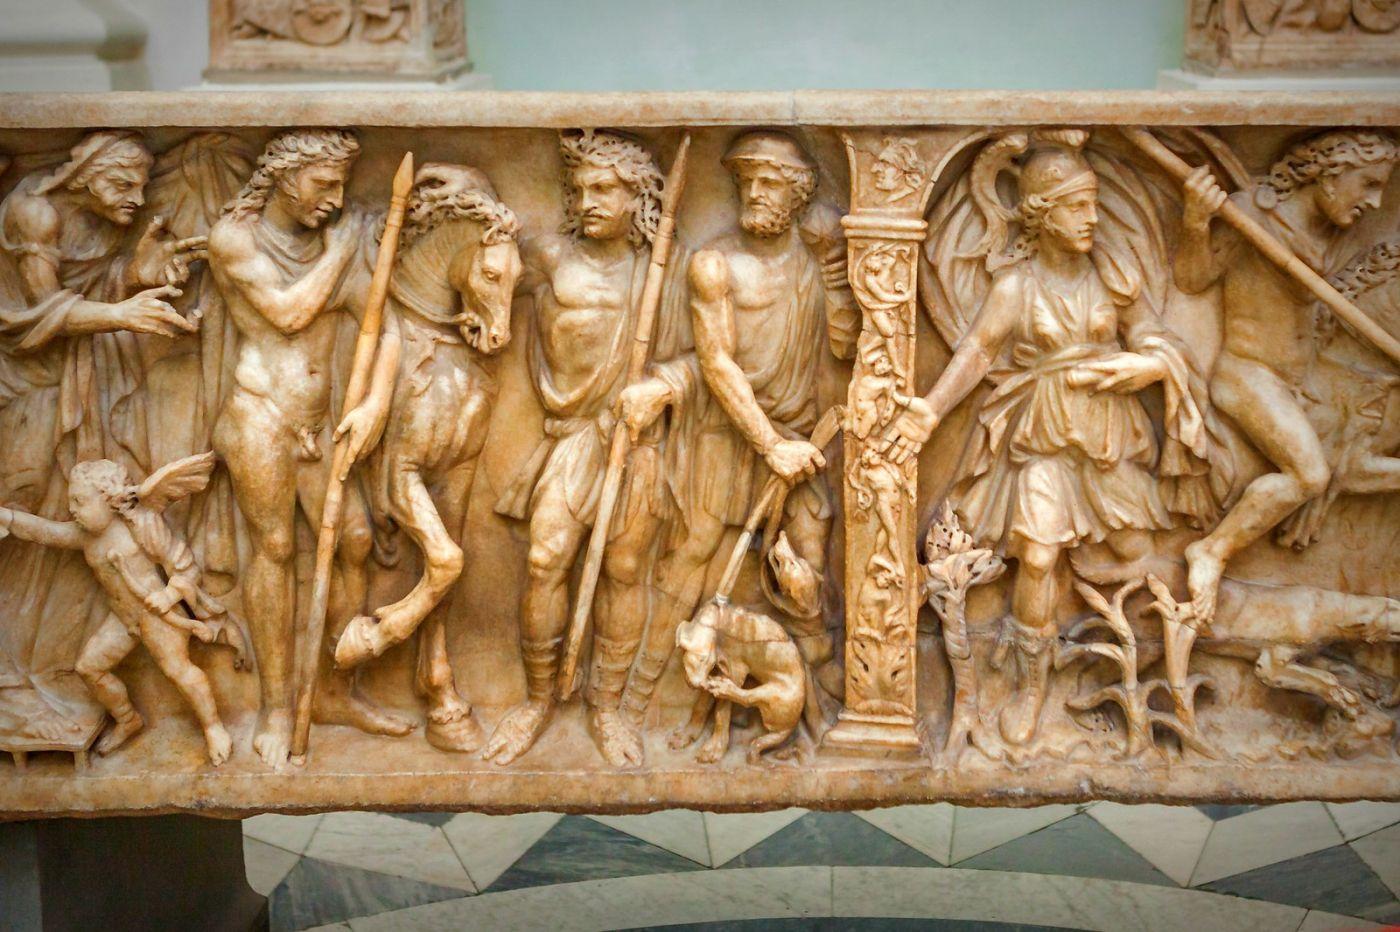 意大利佛罗伦斯乌菲兹美术馆, 目睹藏品_图1-10